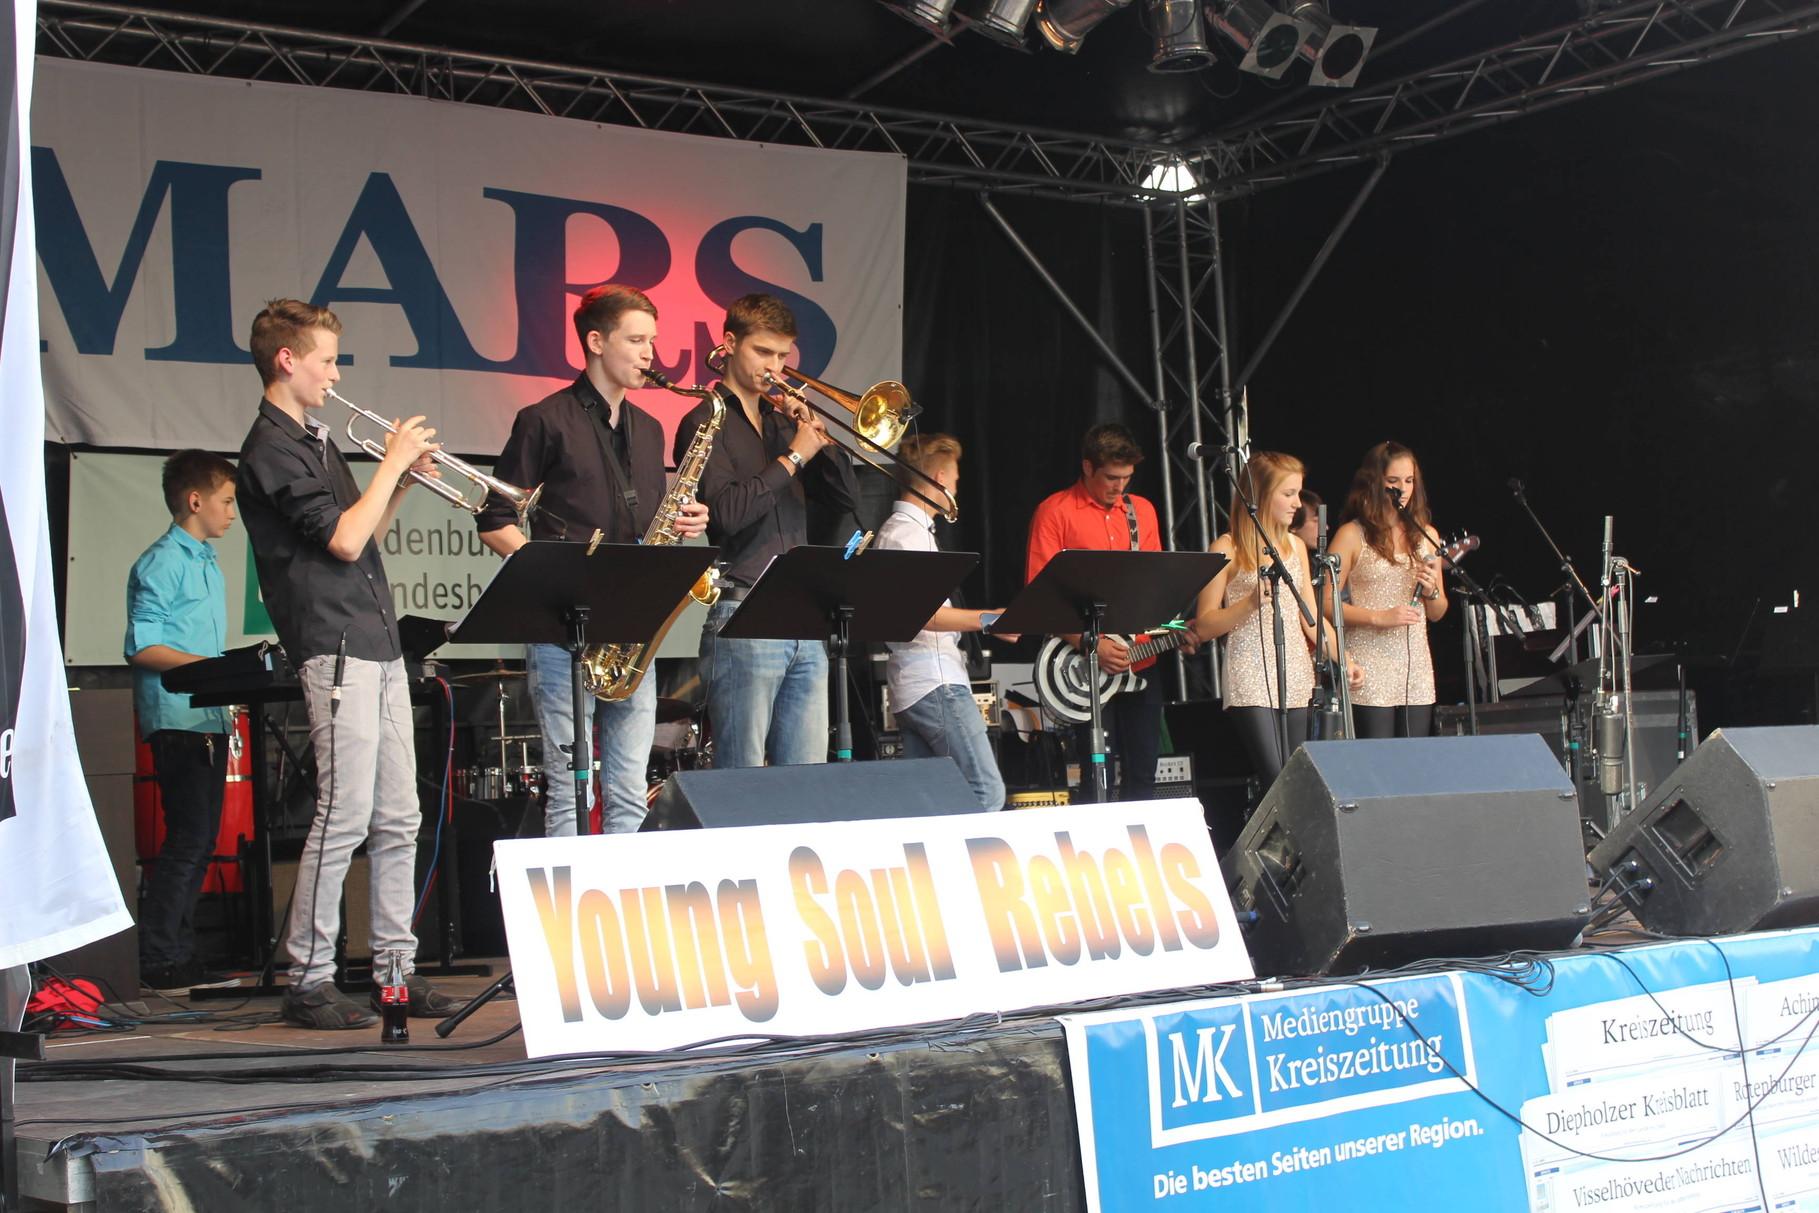 Young Soul Rebels - Gewinner des Band-Wettbewerbs, gefördert durch die Oldenburgische Landesbank